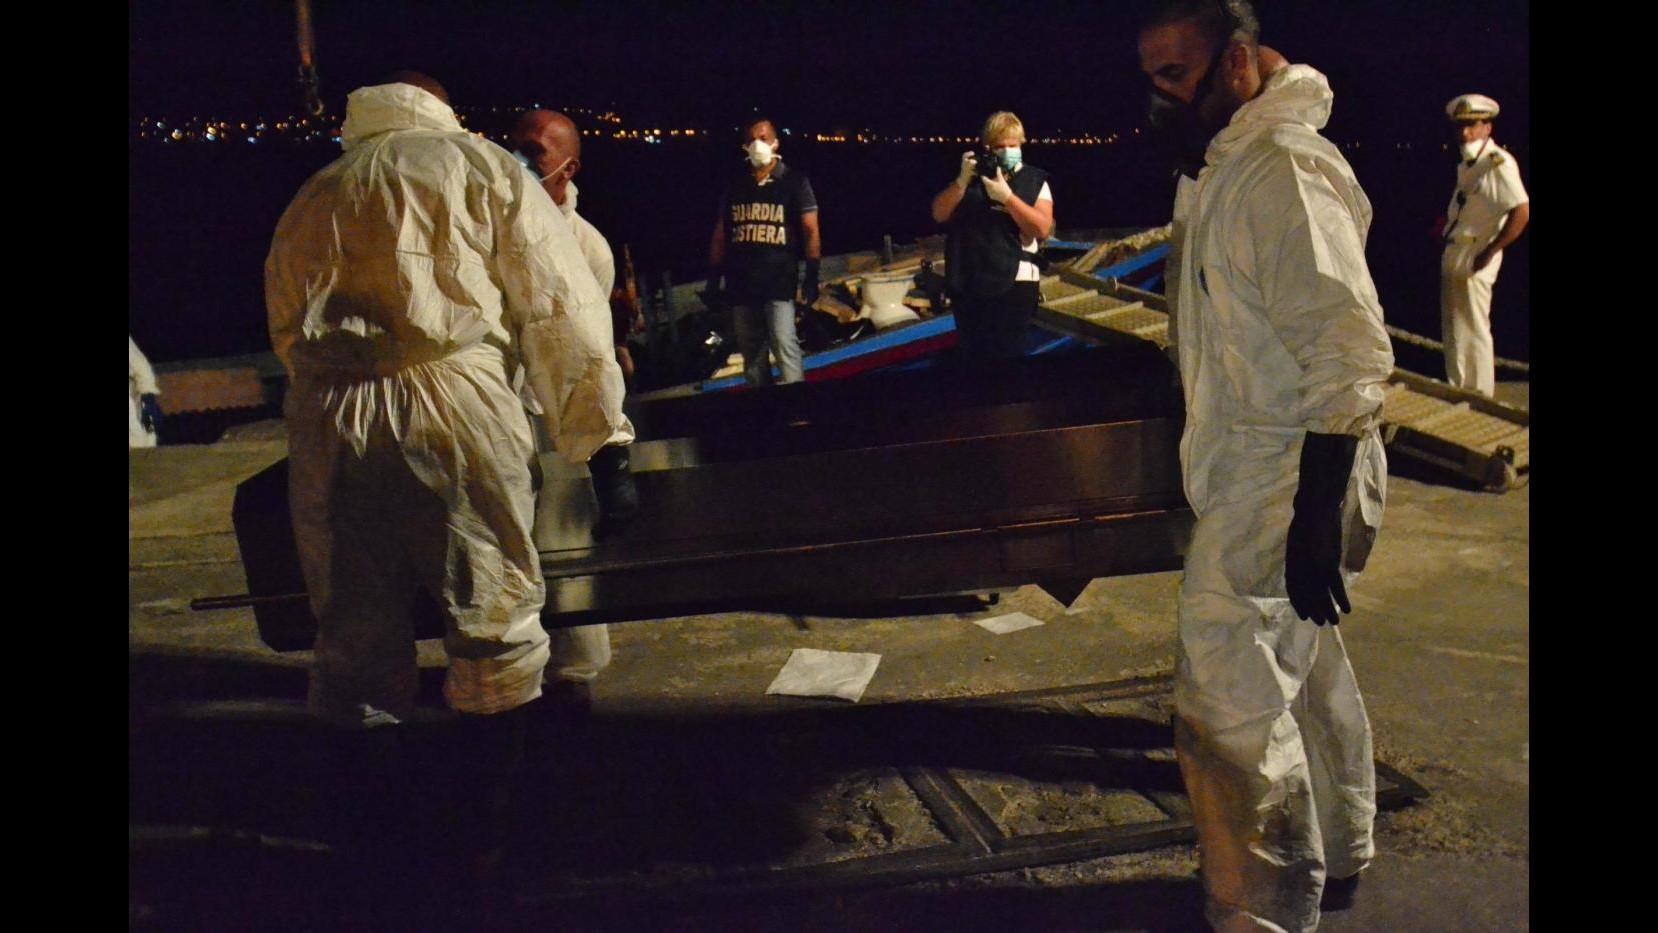 Sbarchi, saliti a 45 corpi migranti su peschereccio arrivato a Pozzallo